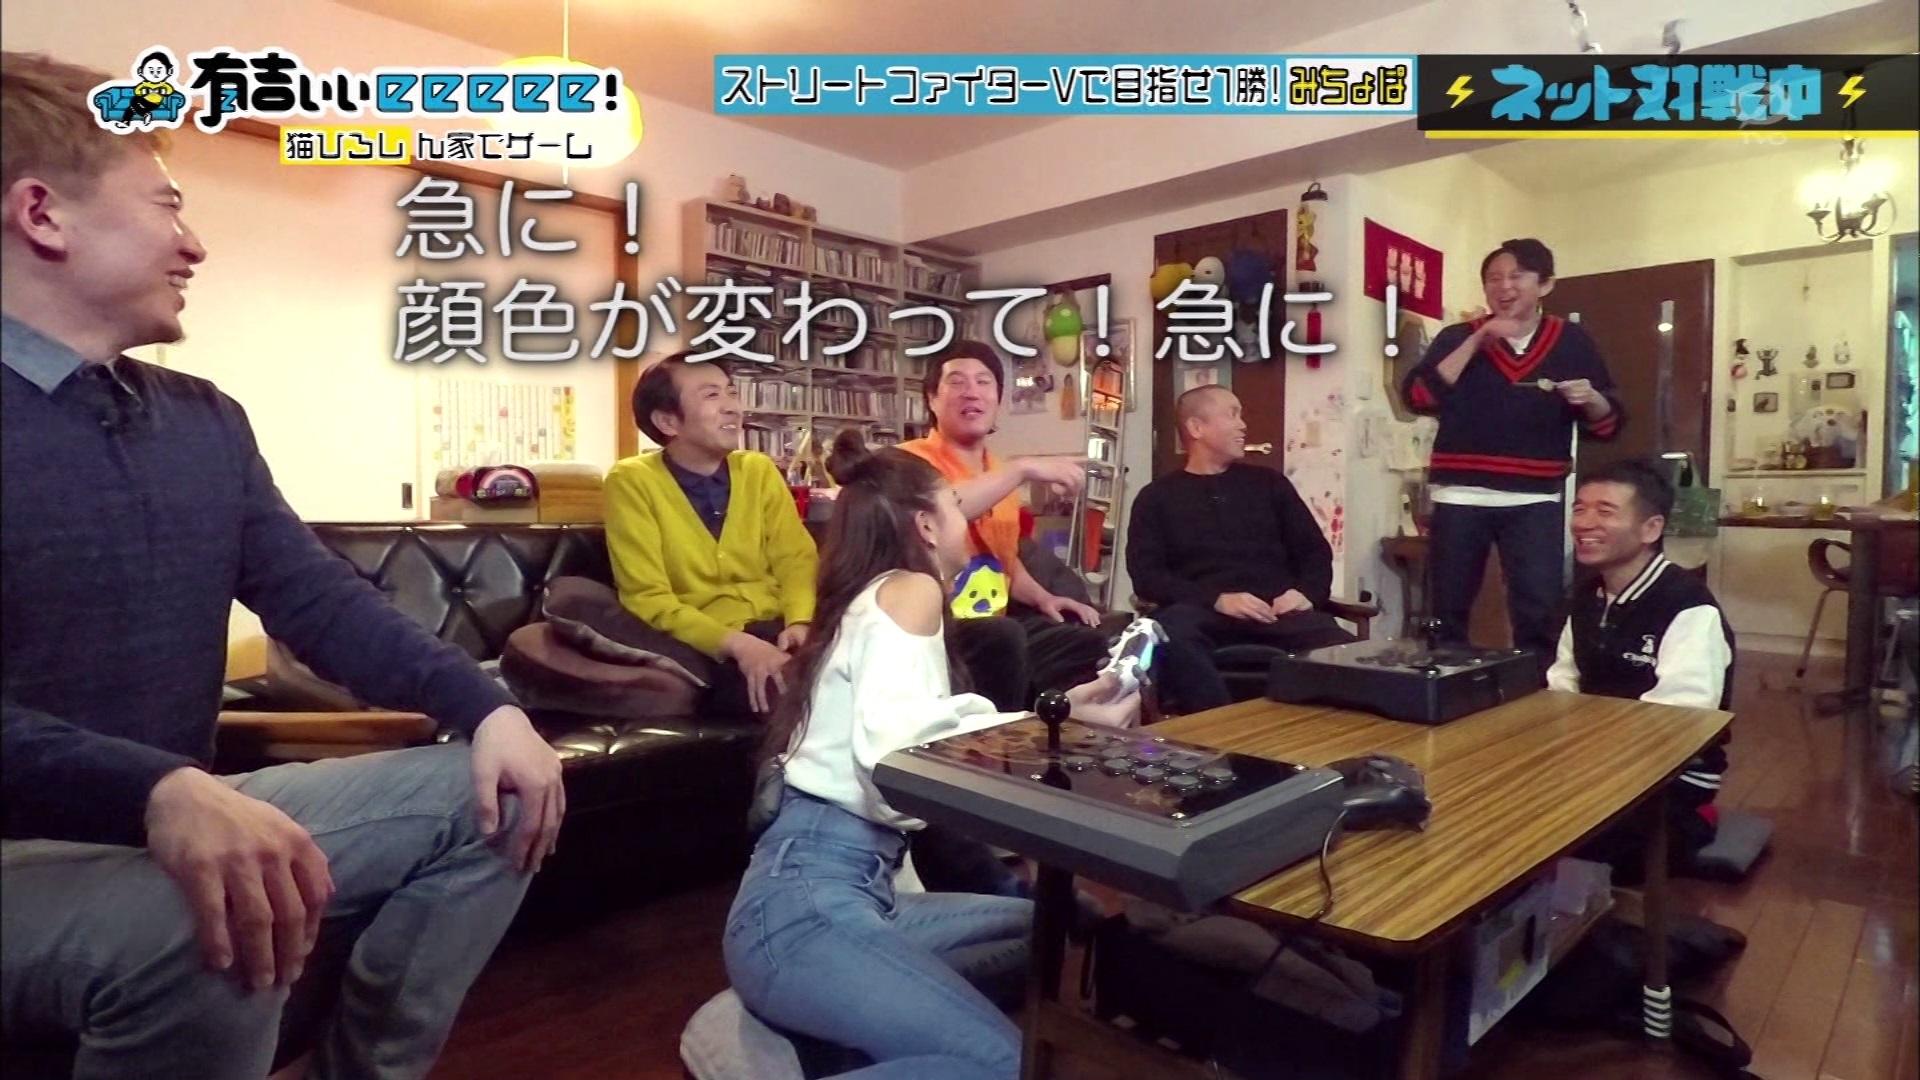 2019年1月27日テレビ東京「有吉ぃぃeeeee!」のテレビキャプチャー画像-001